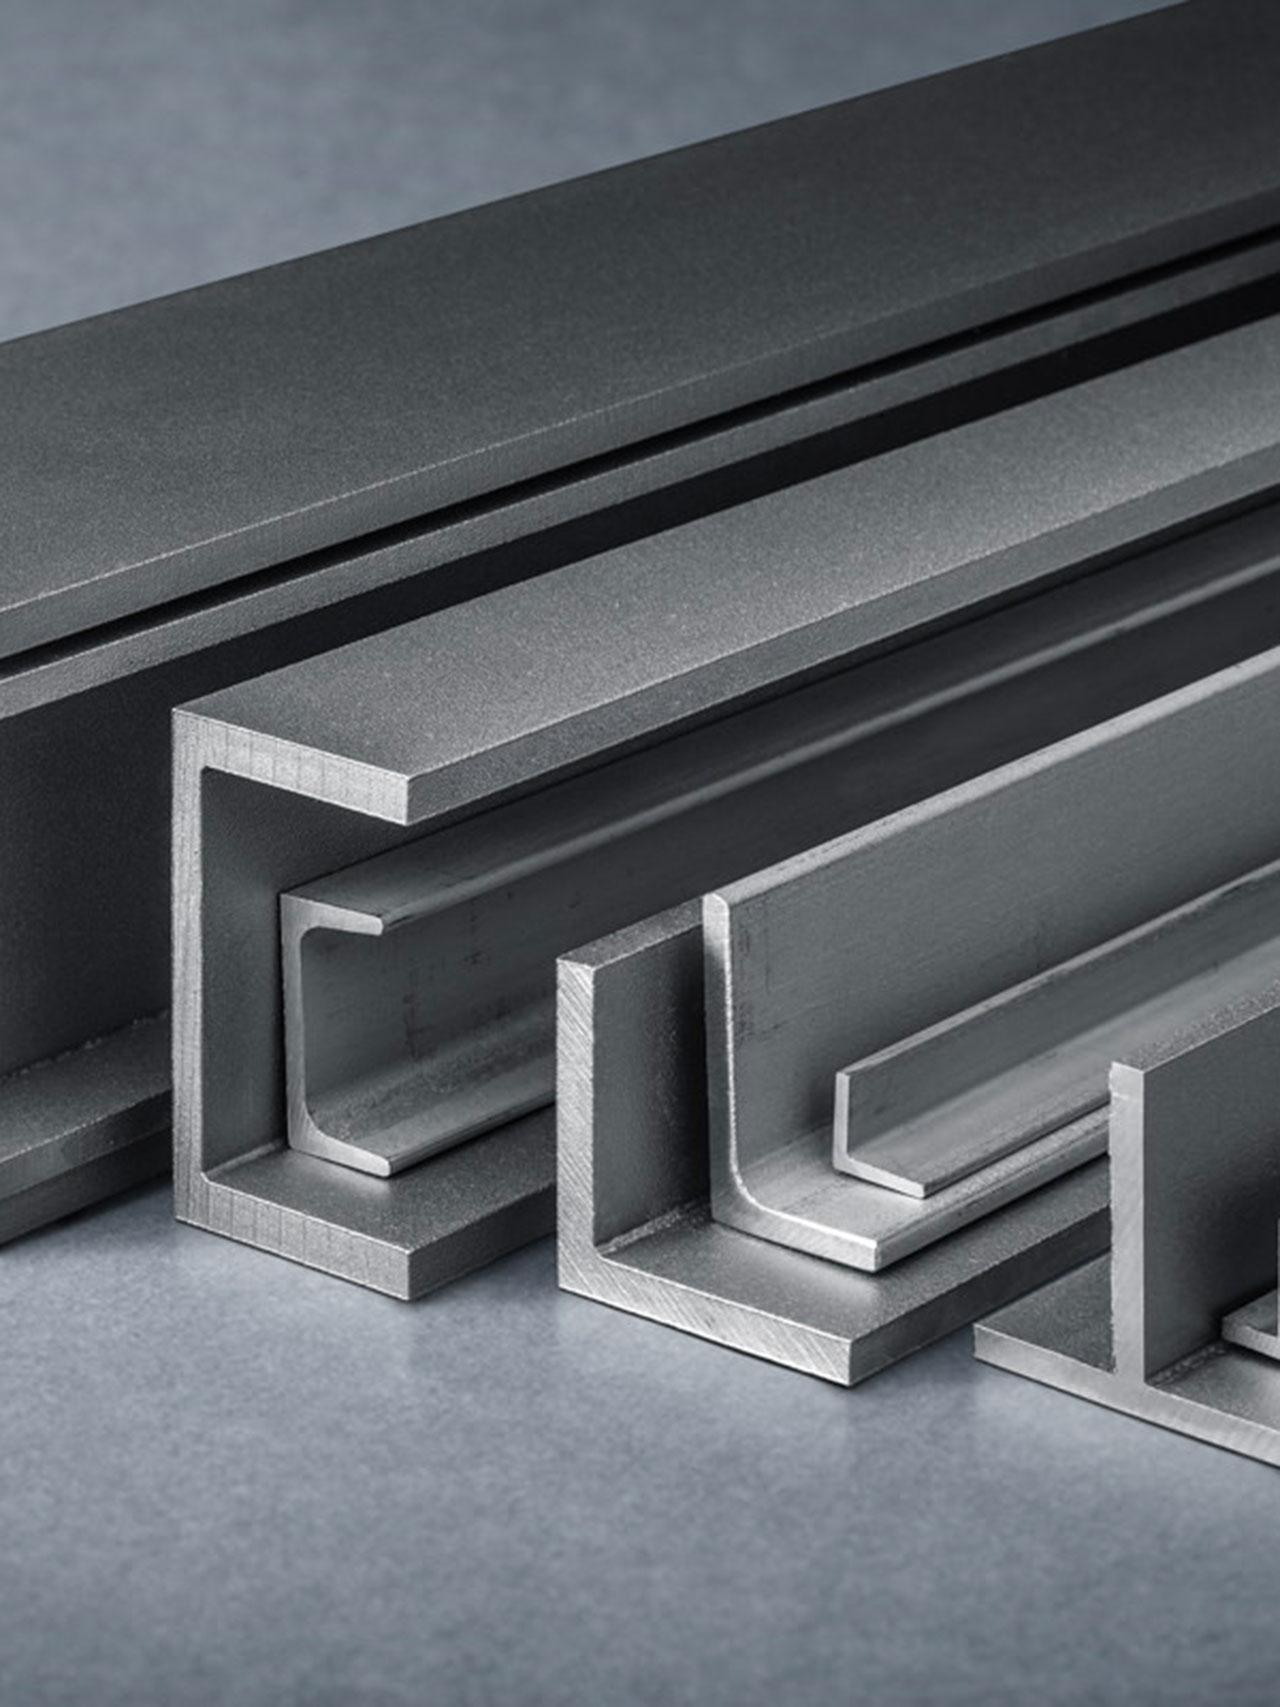 equal-angle-bars